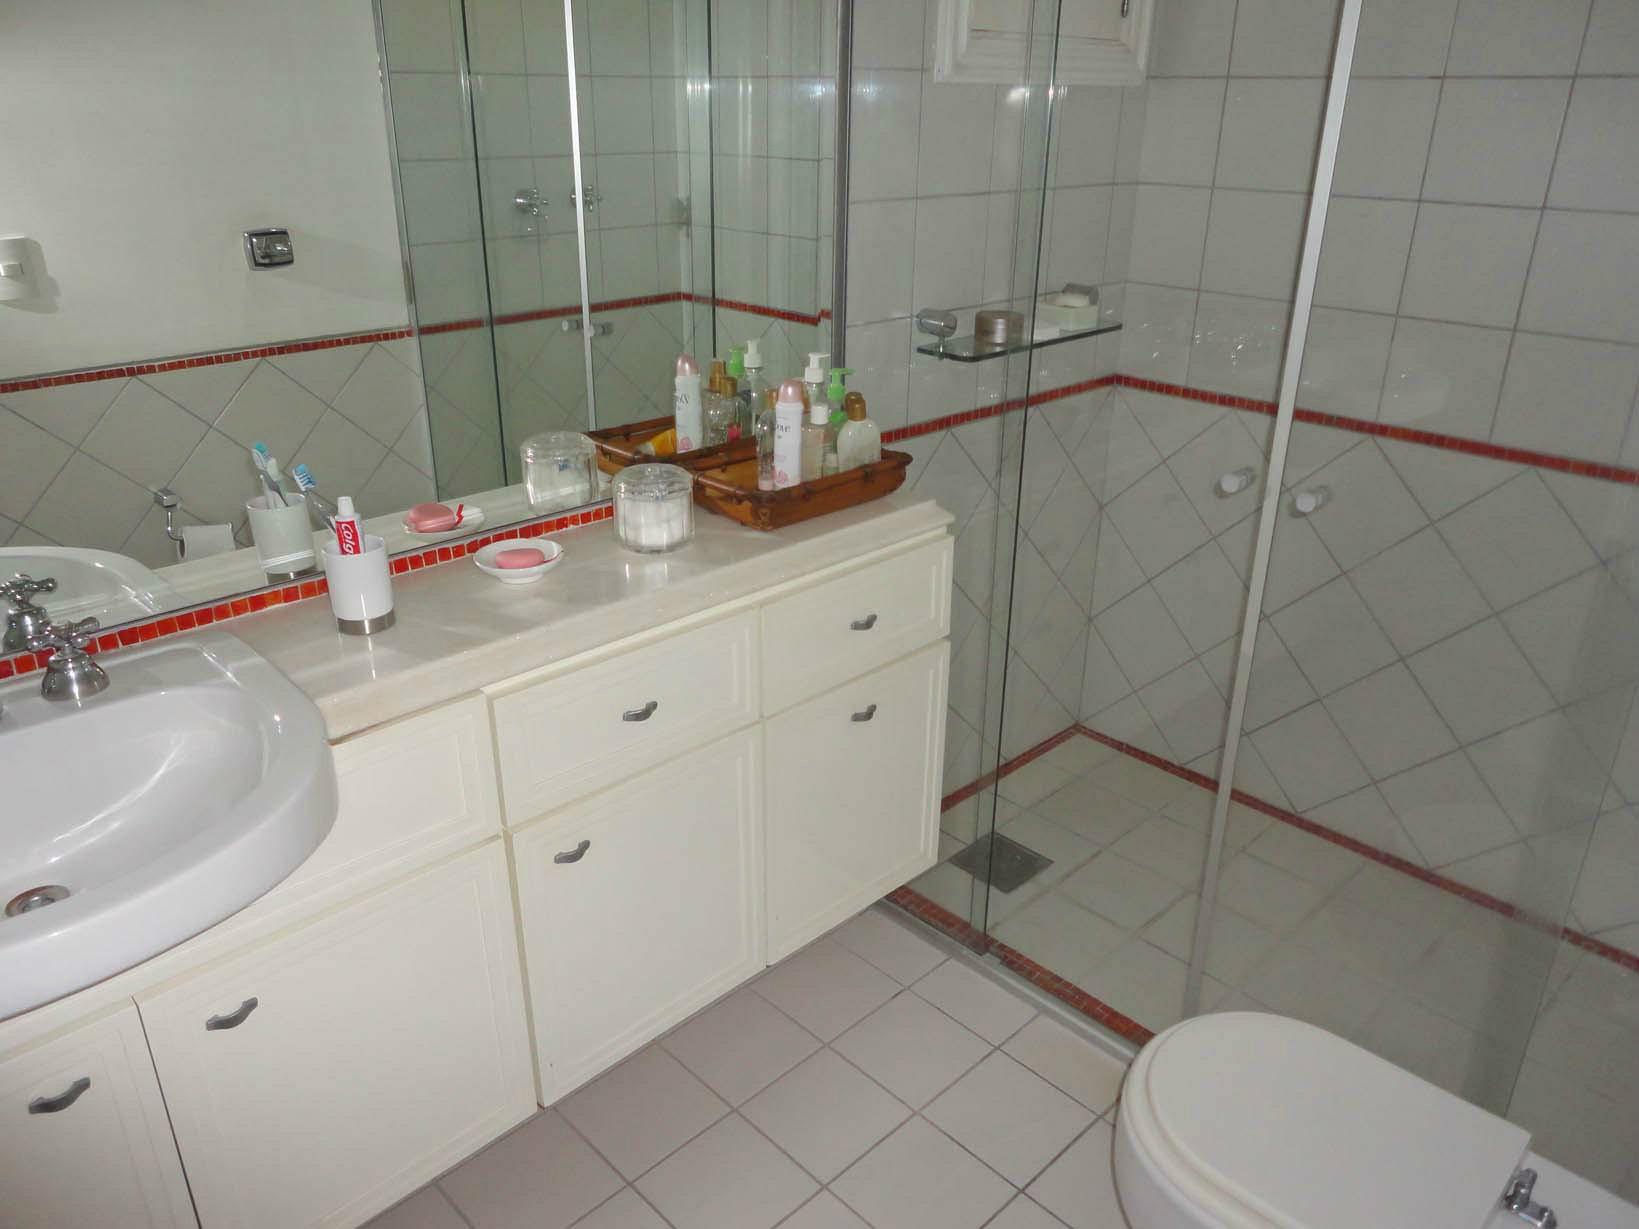 Condomínio de 4 dormitórios à venda em Galleria, Campinas - SP